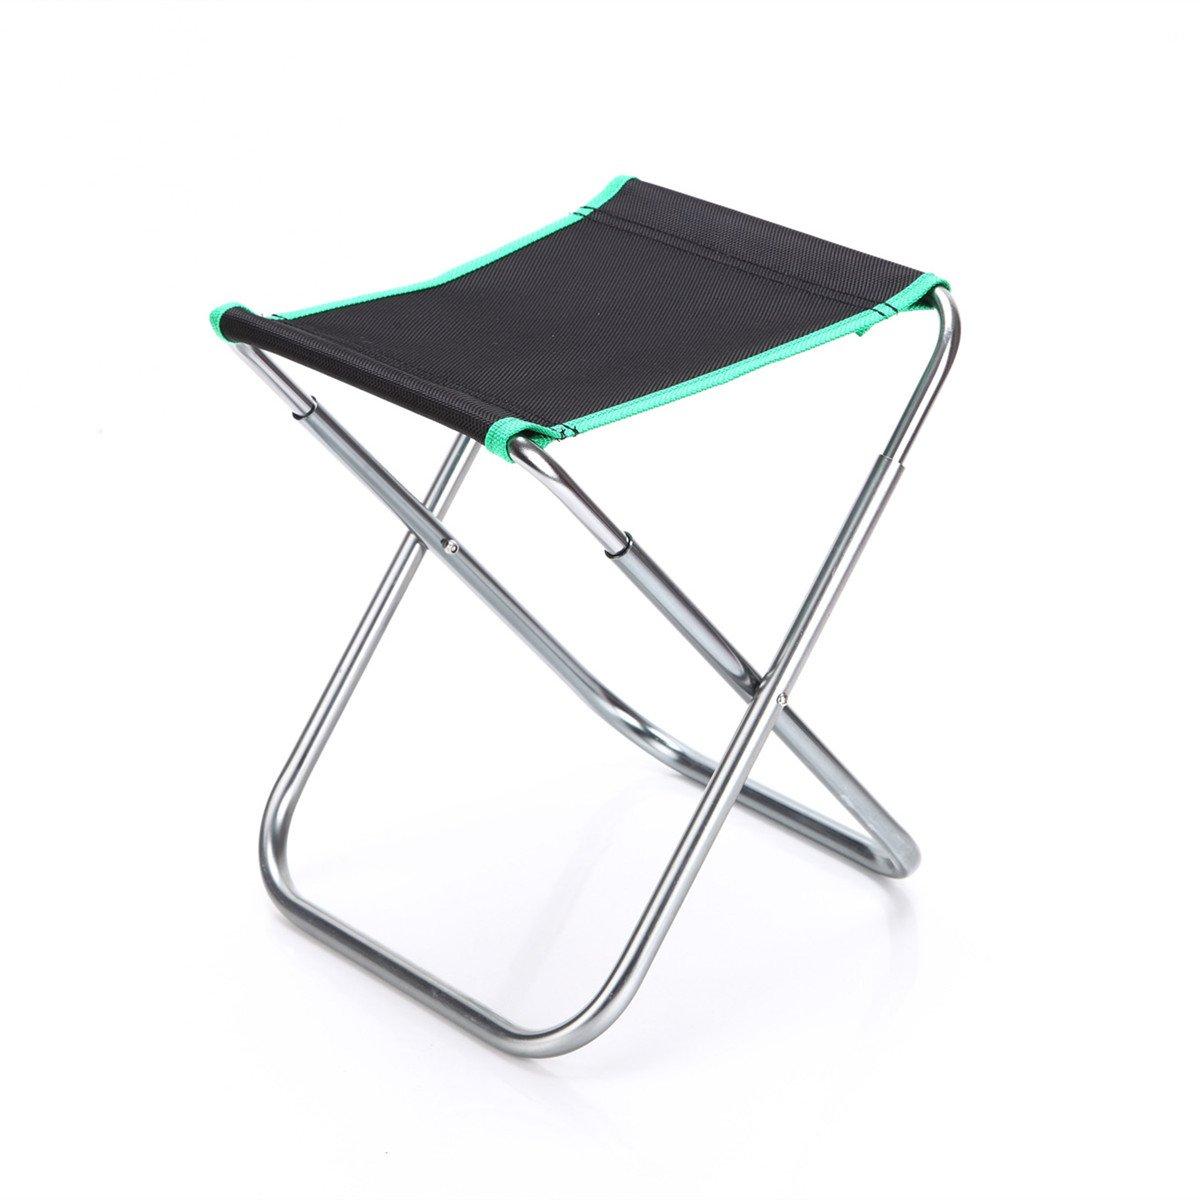 Nueva port/átil ligero plegable taburetes al aire libre silla ideal para camping pesca